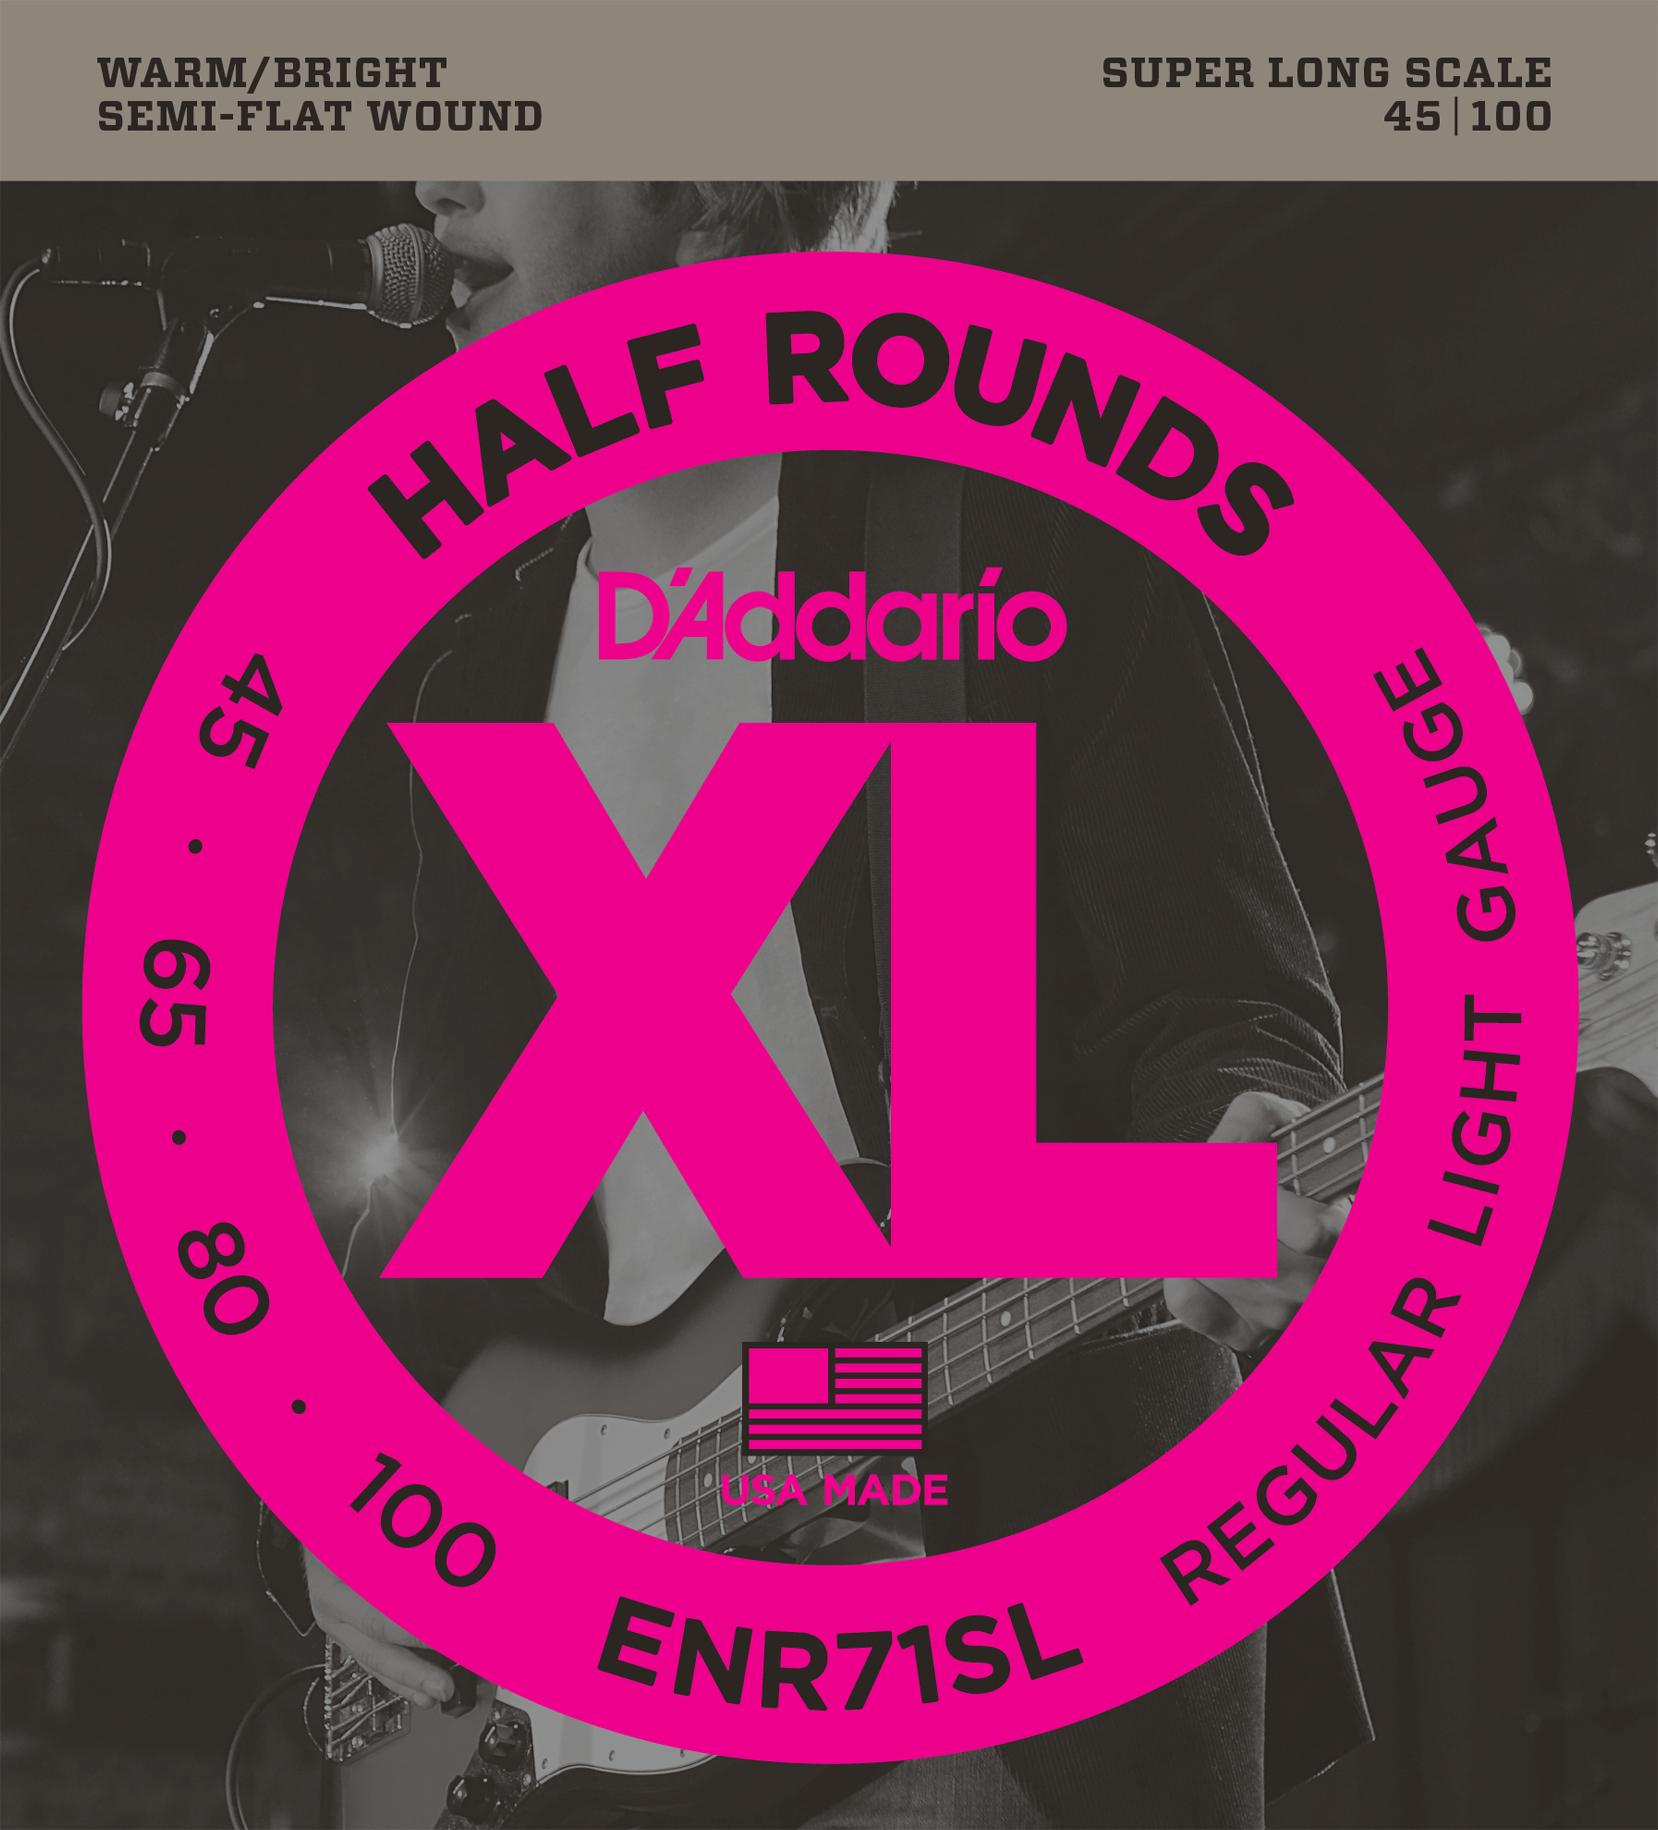 half round 45-100